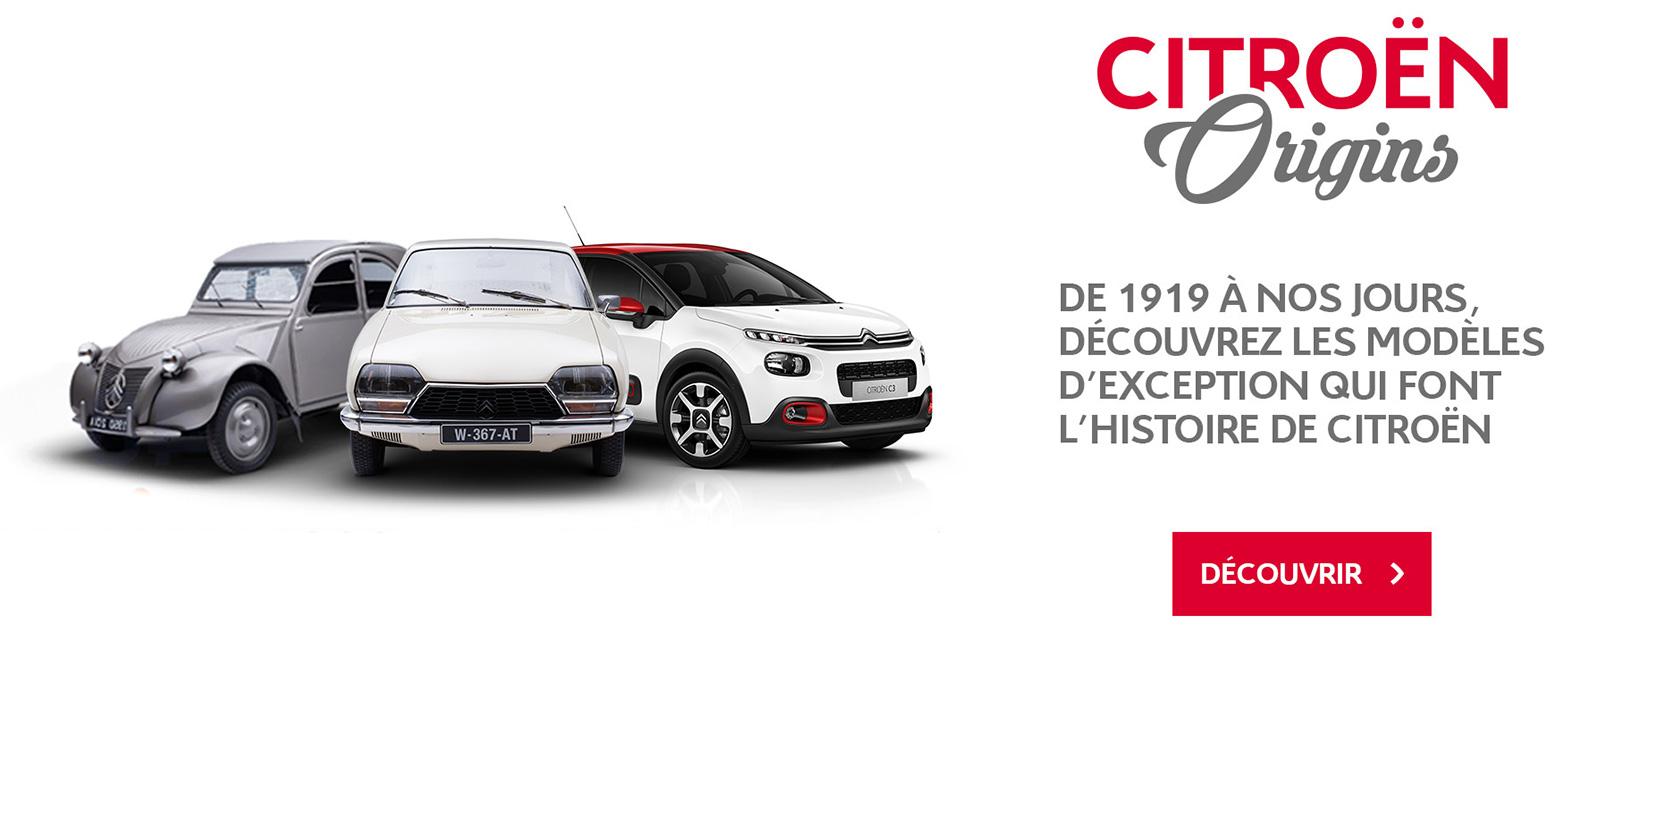 Citroën Origins, un musée virtuel inédit